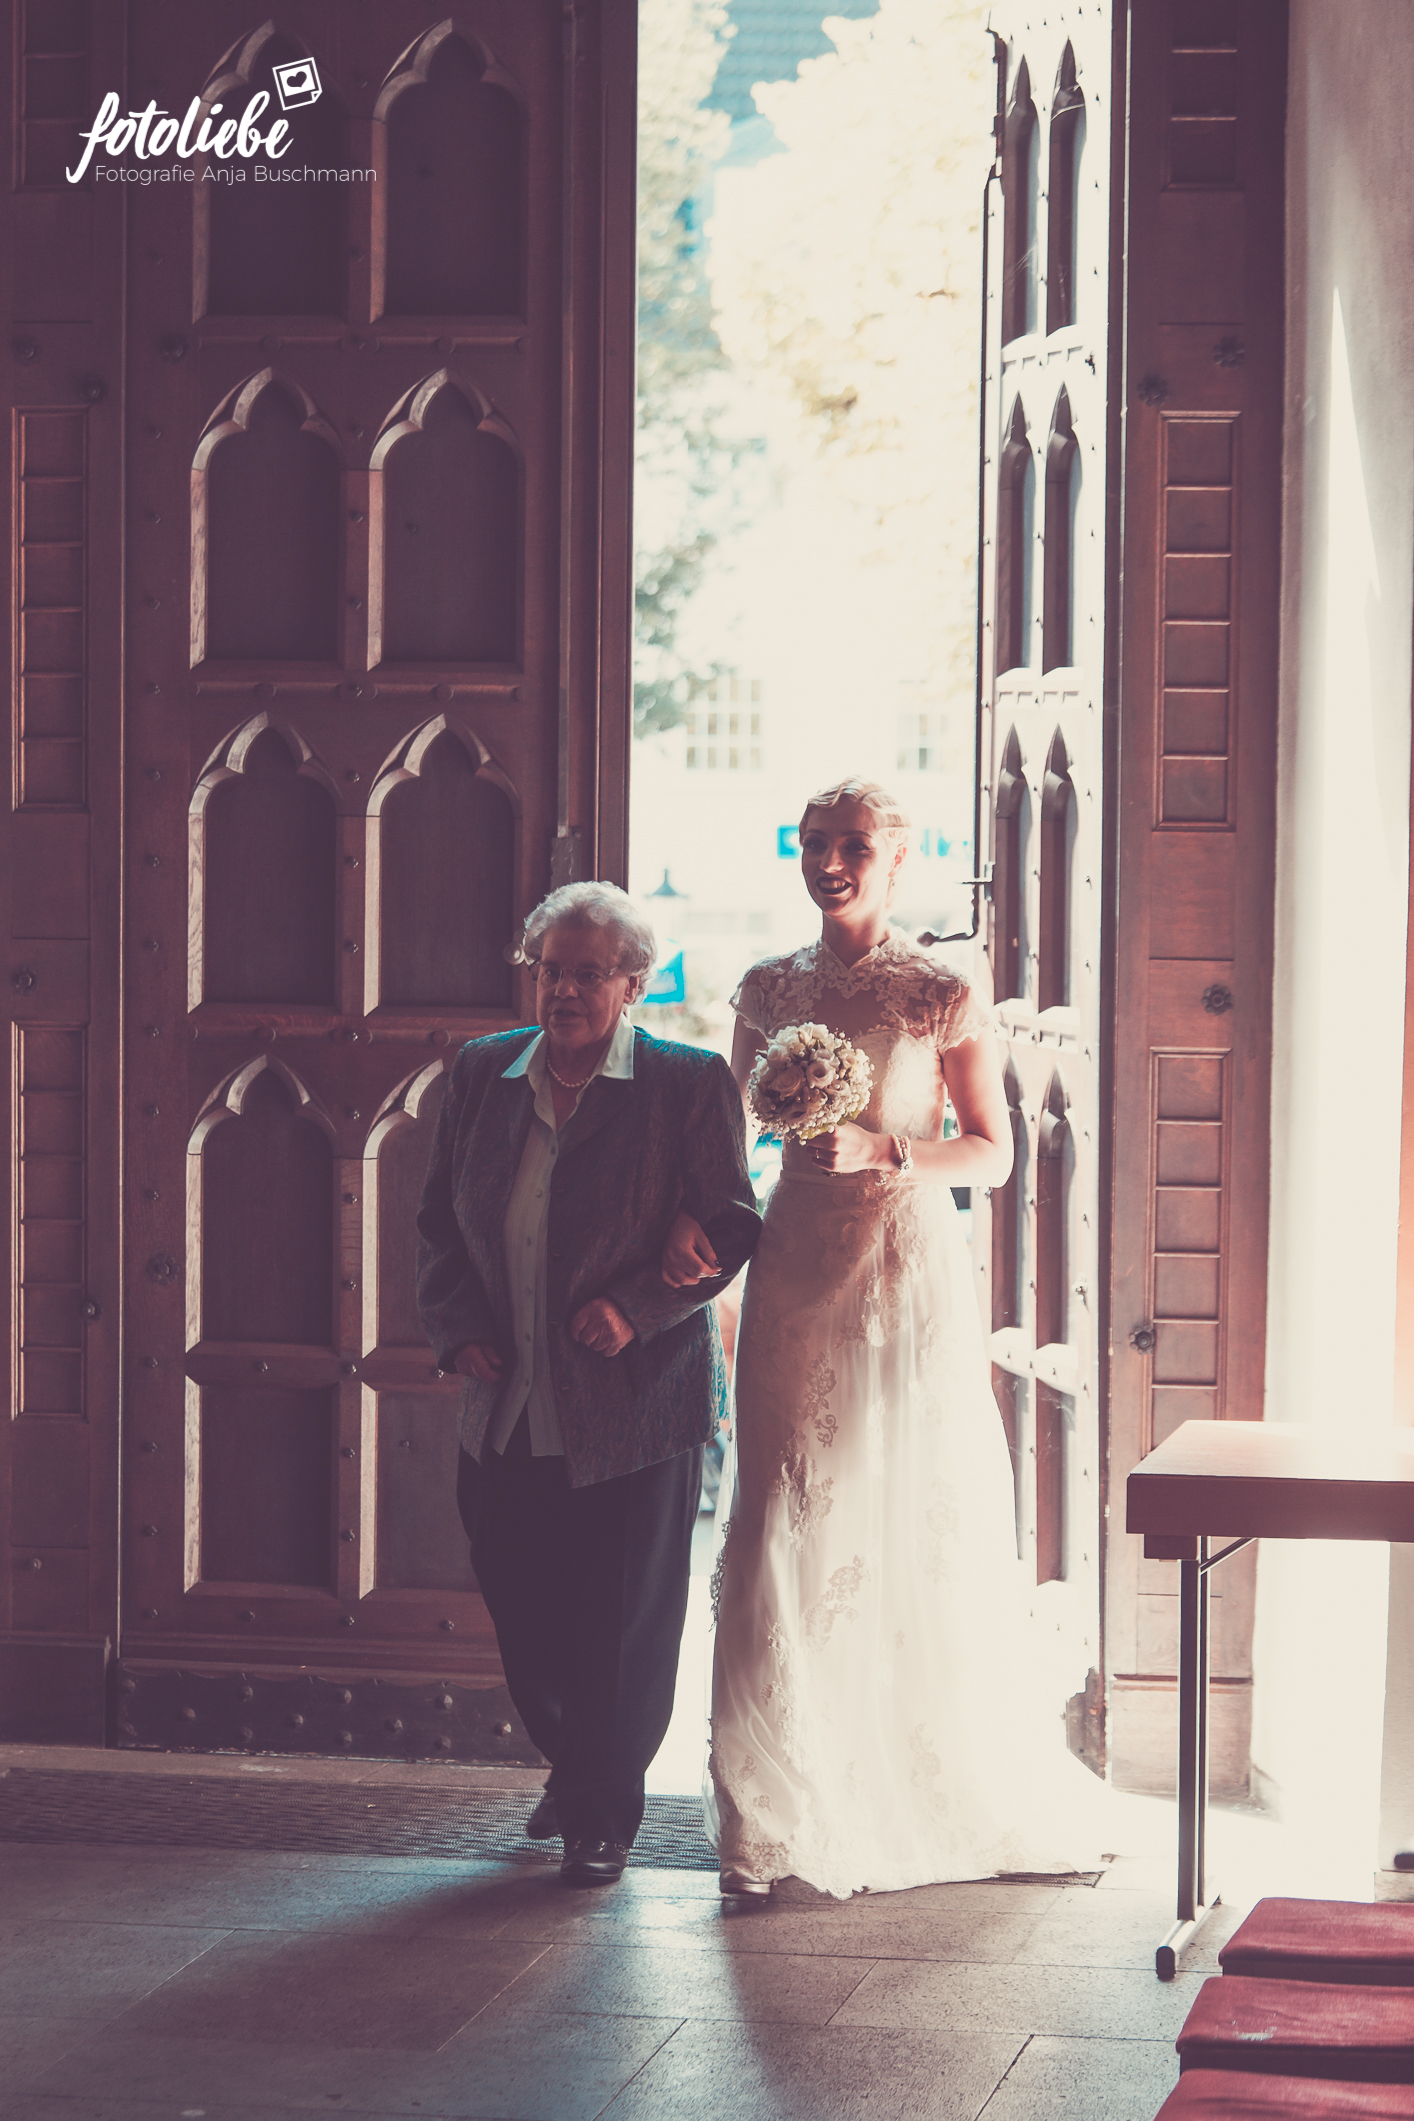 Fotoliebe-Hochzeit-Ratingen-Trauung-MikaTobi_014